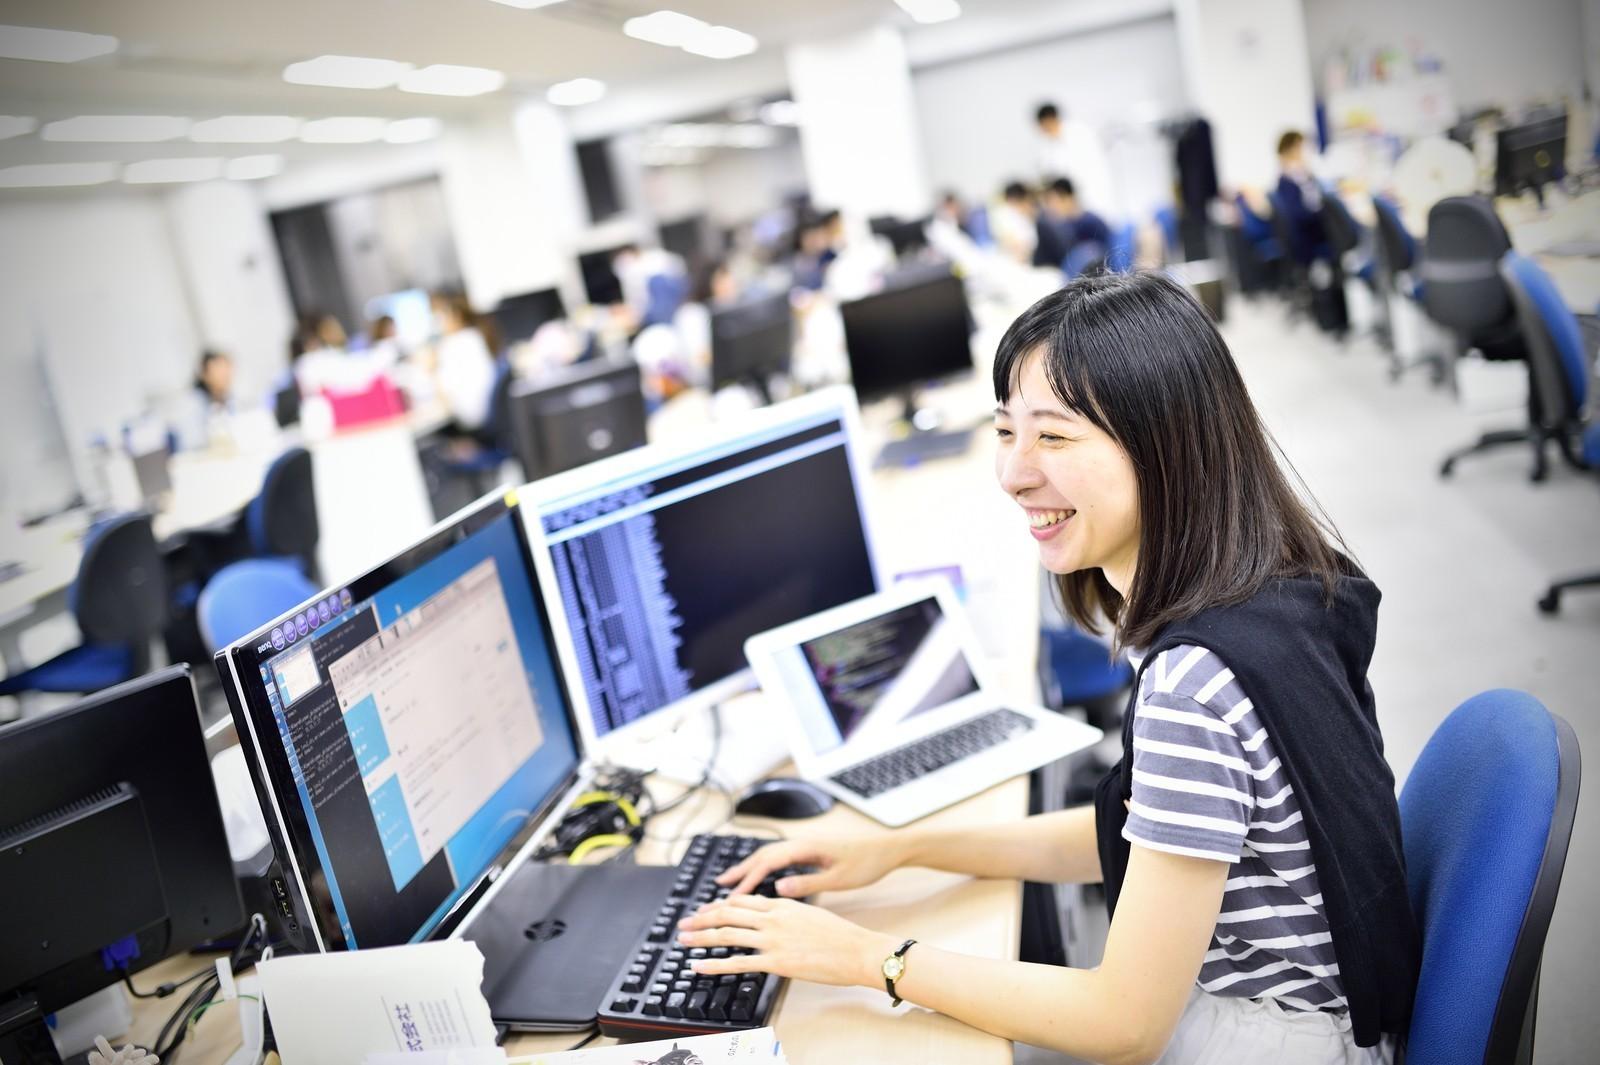 業界最大級の求人サイト「エン転職」他、大規模サービスを支えるインフラエンジニア募集!